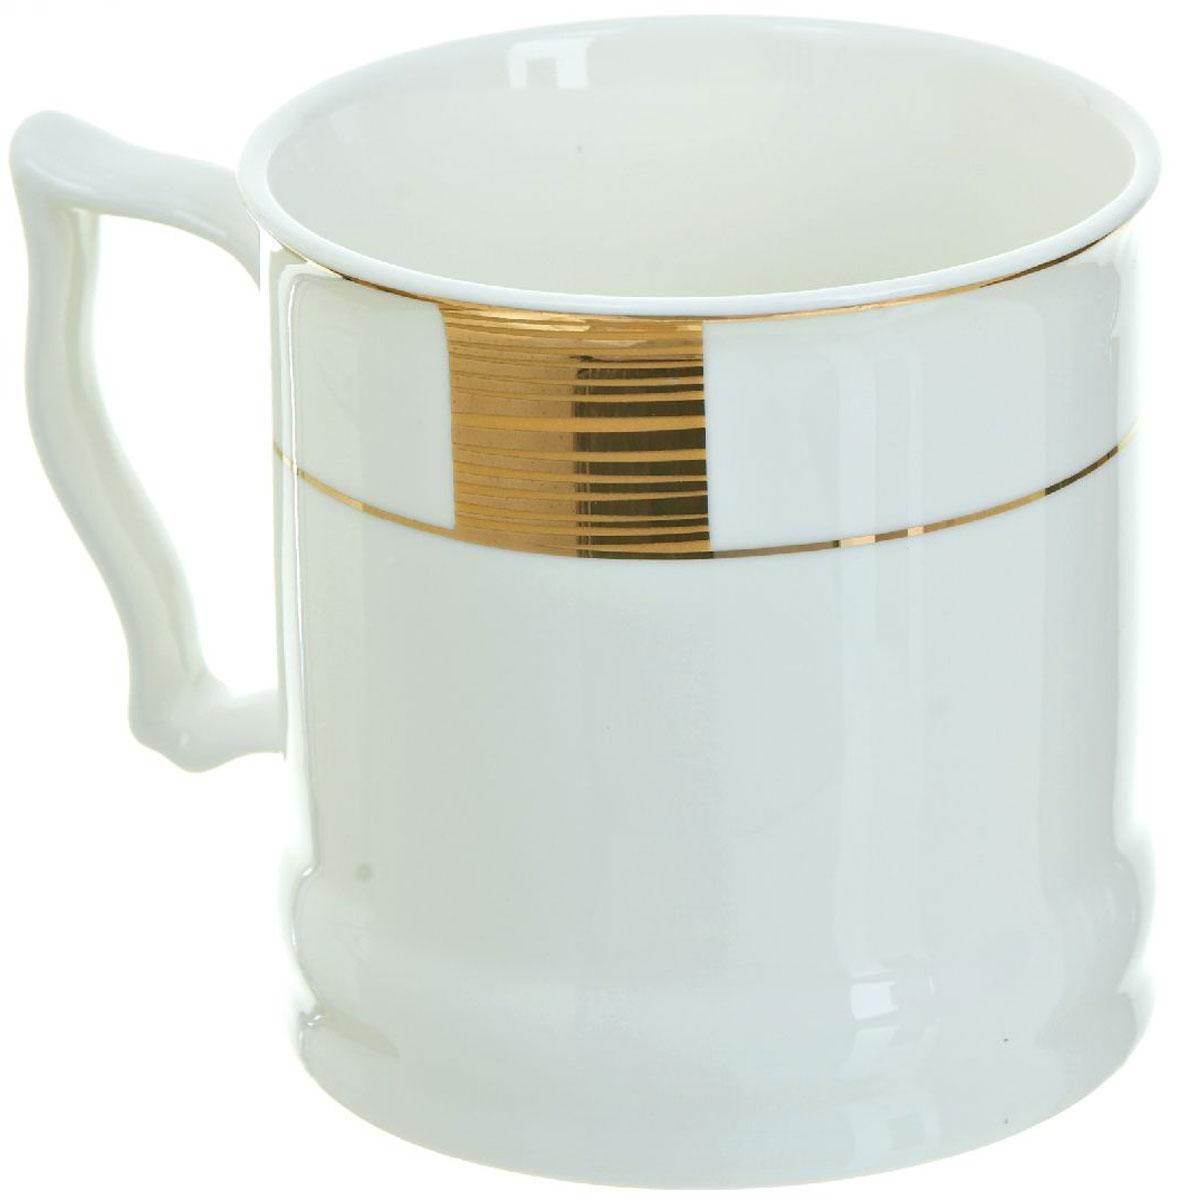 Кружка BHP Королевская кружка, 500 мл. 18700101870010Оригинальная кружка Best Home Porcelain, выполненная из высококачественного фарфора, сочетает в себе простой, утонченный дизайн с максимальной функциональностью. Оригинальность оформления придутся по вкусу тем, кто ценит индивидуальность. В комплект входит кружка. Можно использовать в ПММ.